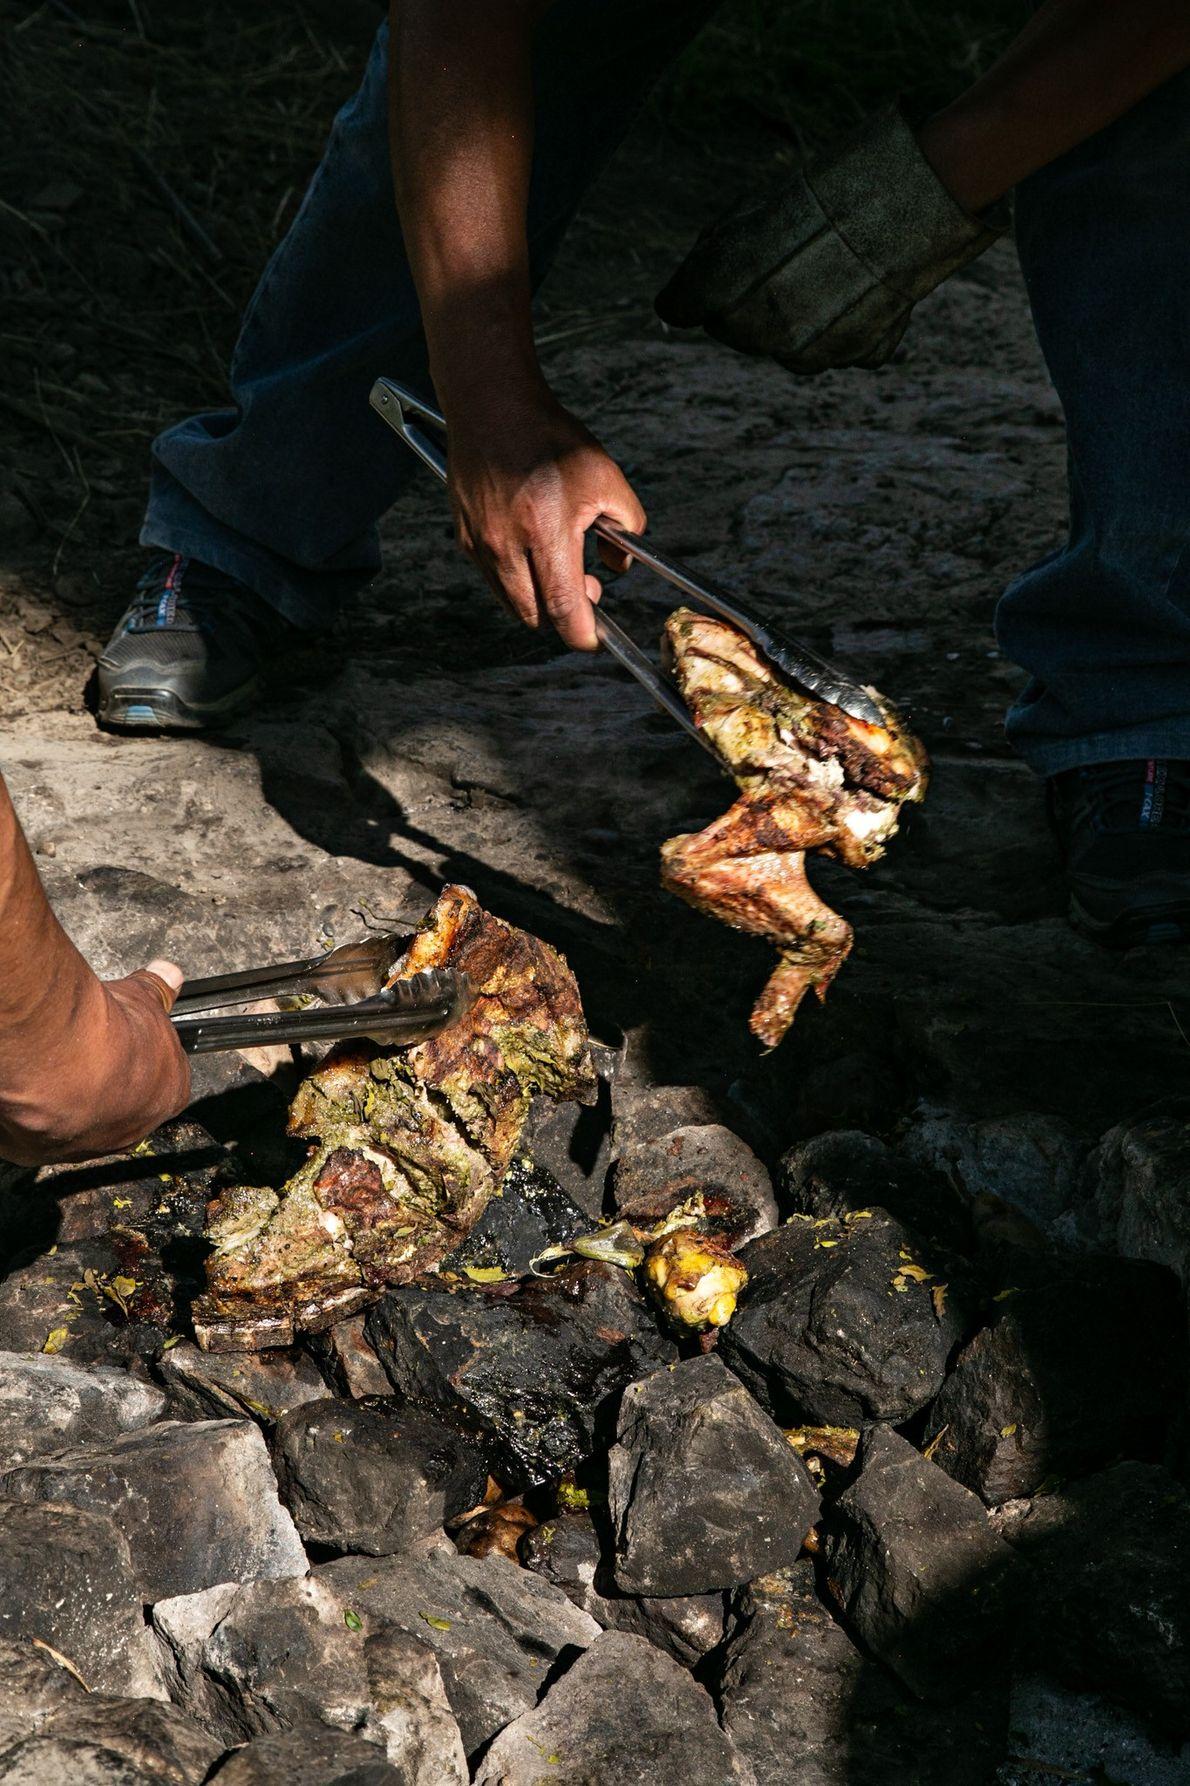 Porco, frango e cordeiro são retirados do fogo pachamanca, no jardim orgânico de El Albergue em ...